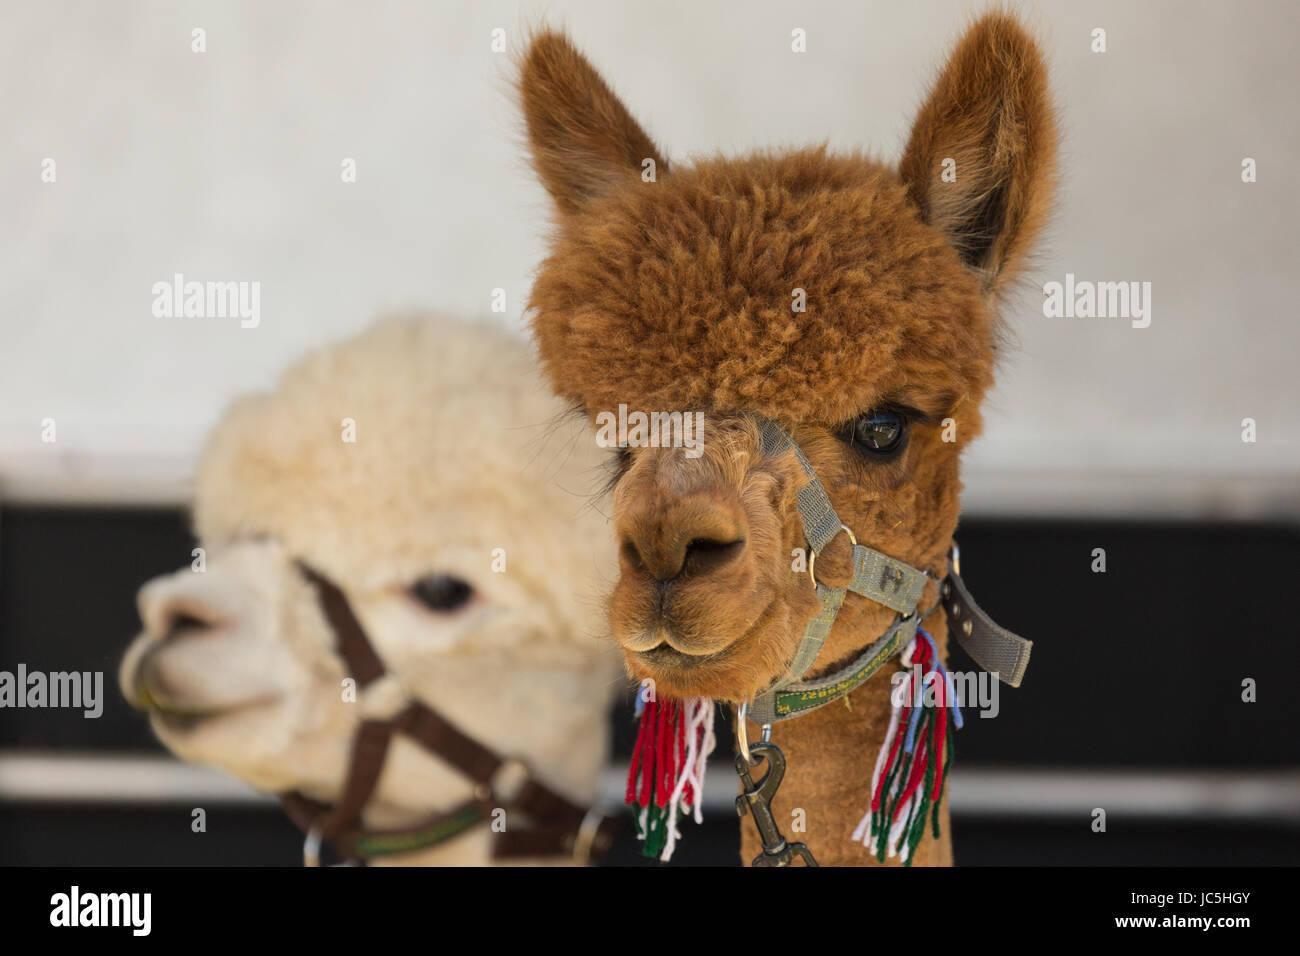 Head shot de deux (2) alpagas en captivité (Vicugna pacos), un brown/gingembre et une couleur blanche sur l'affichage Photo Stock